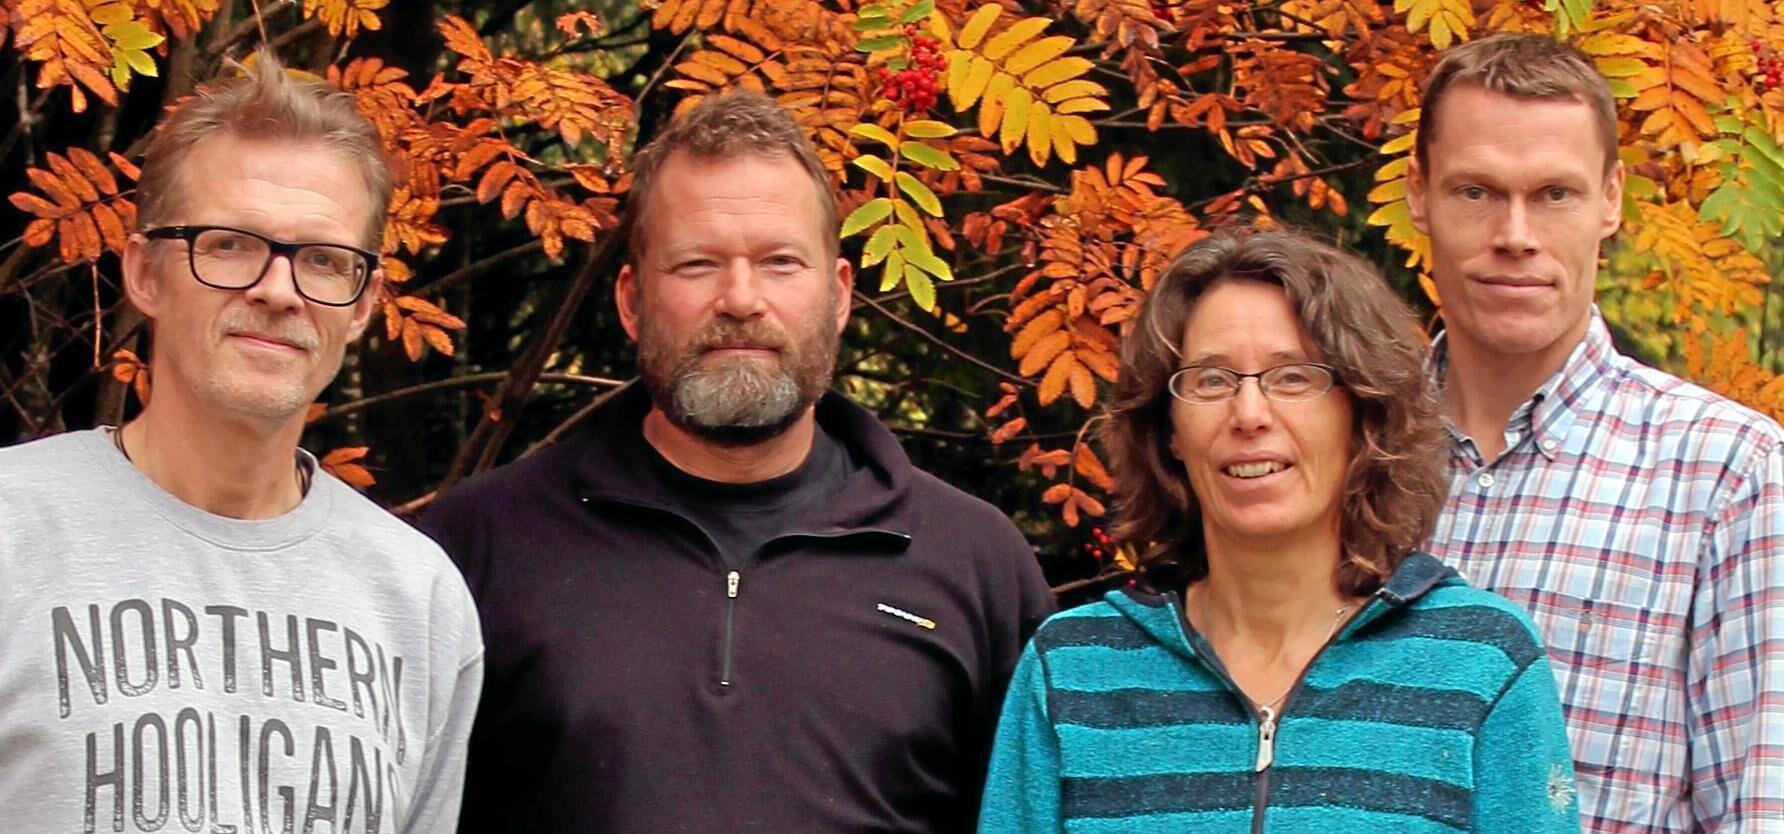 Skogsdatalabbet, från vänster till höger: Hampus Holmström, analytiker skoglig planering, Mikael Egberth, analytiker fjärranalys, Anna-Lena Axelsson, projektledare, samt Neil Cory, analytiker Riksskogstaxeringen.